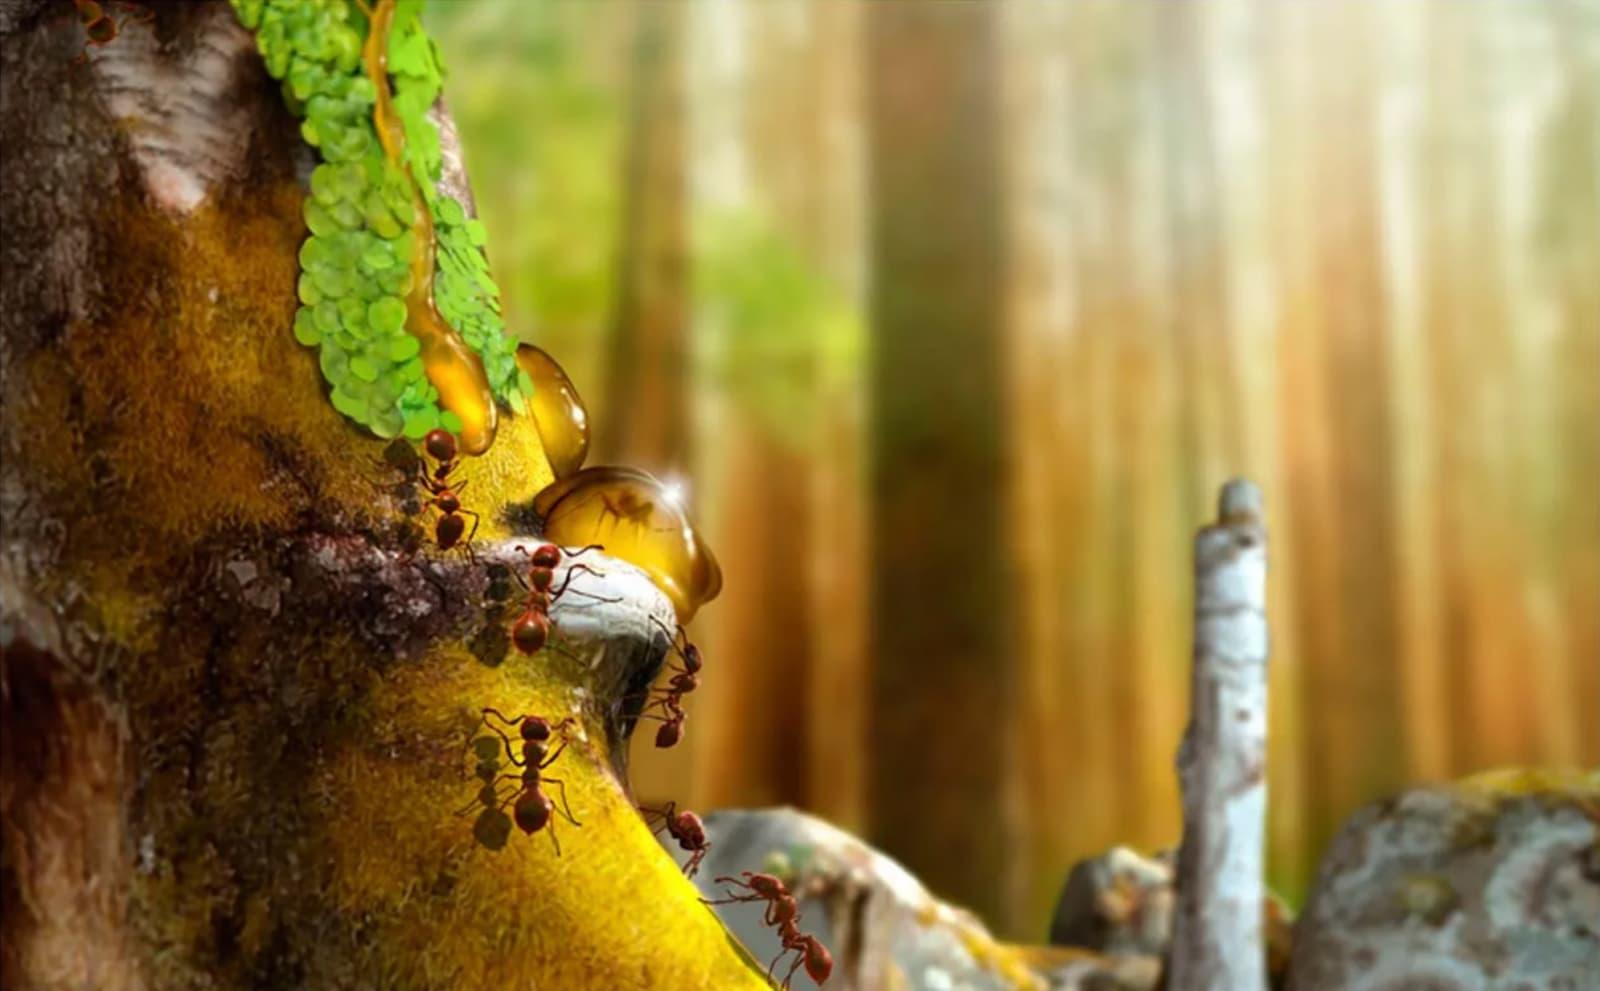 Monomorium, uma espécie de formiga previamente desconhecida